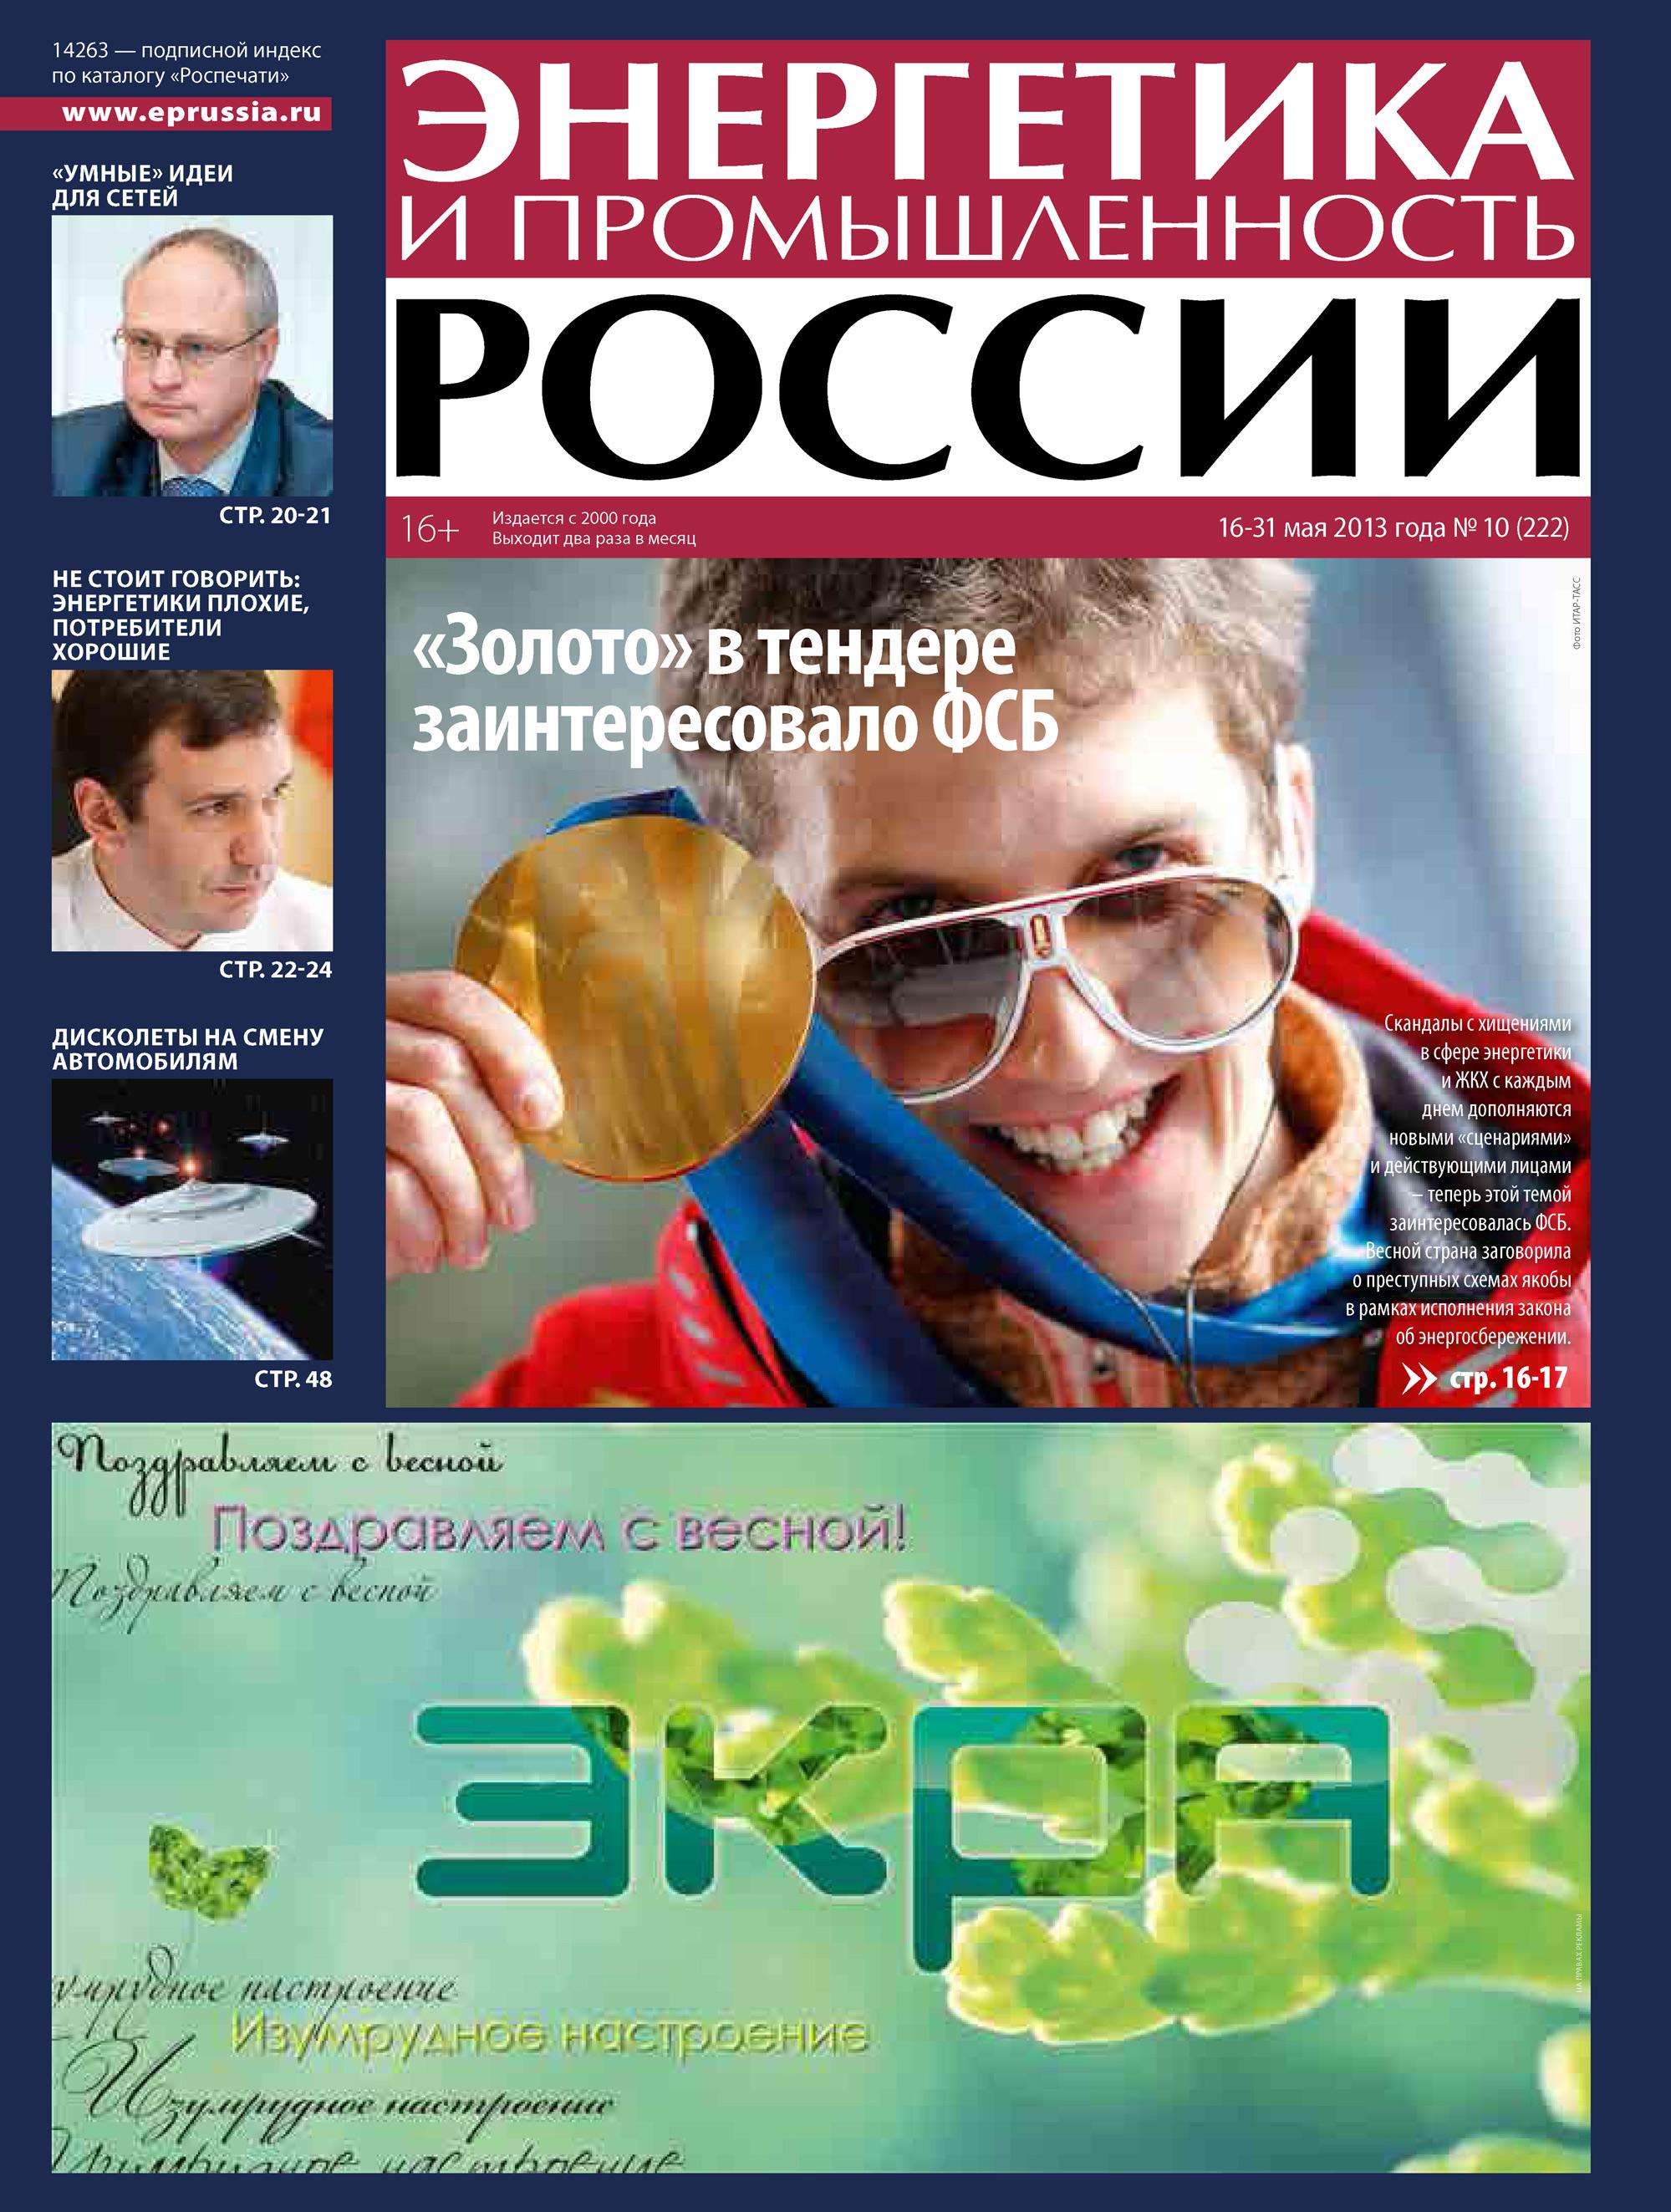 Энергетика и промышленность России №10 2013